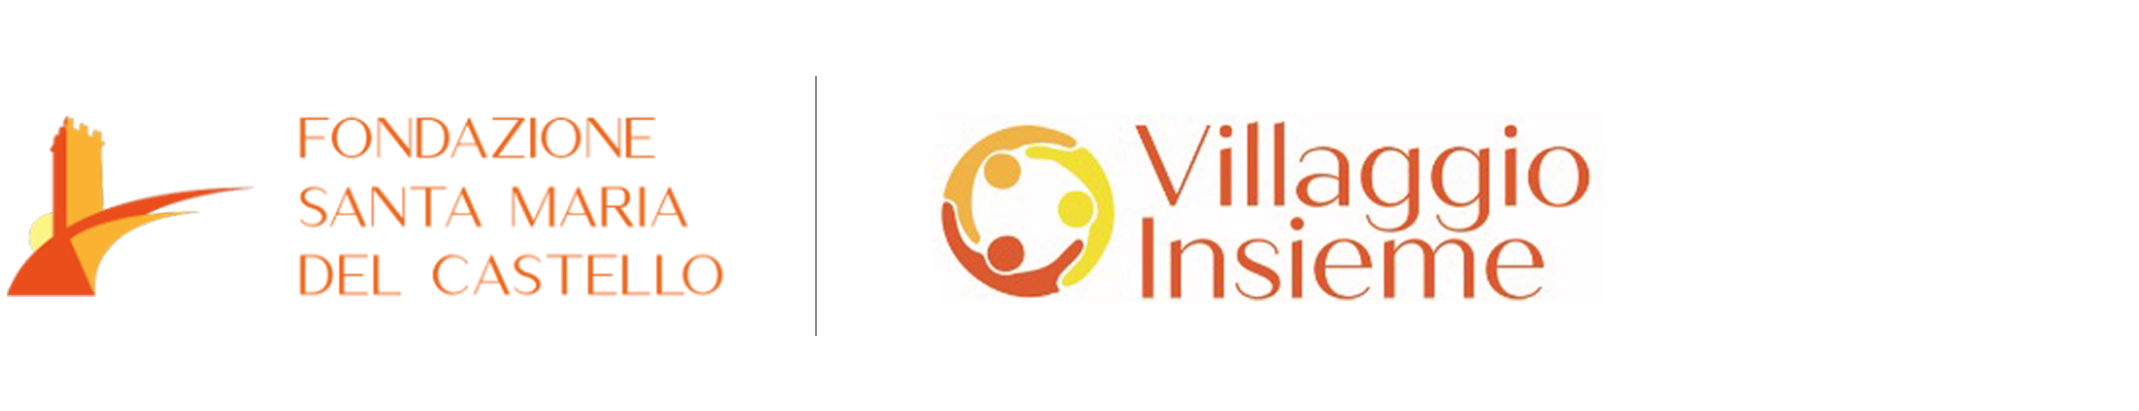 logo_villaggio_insieme_1